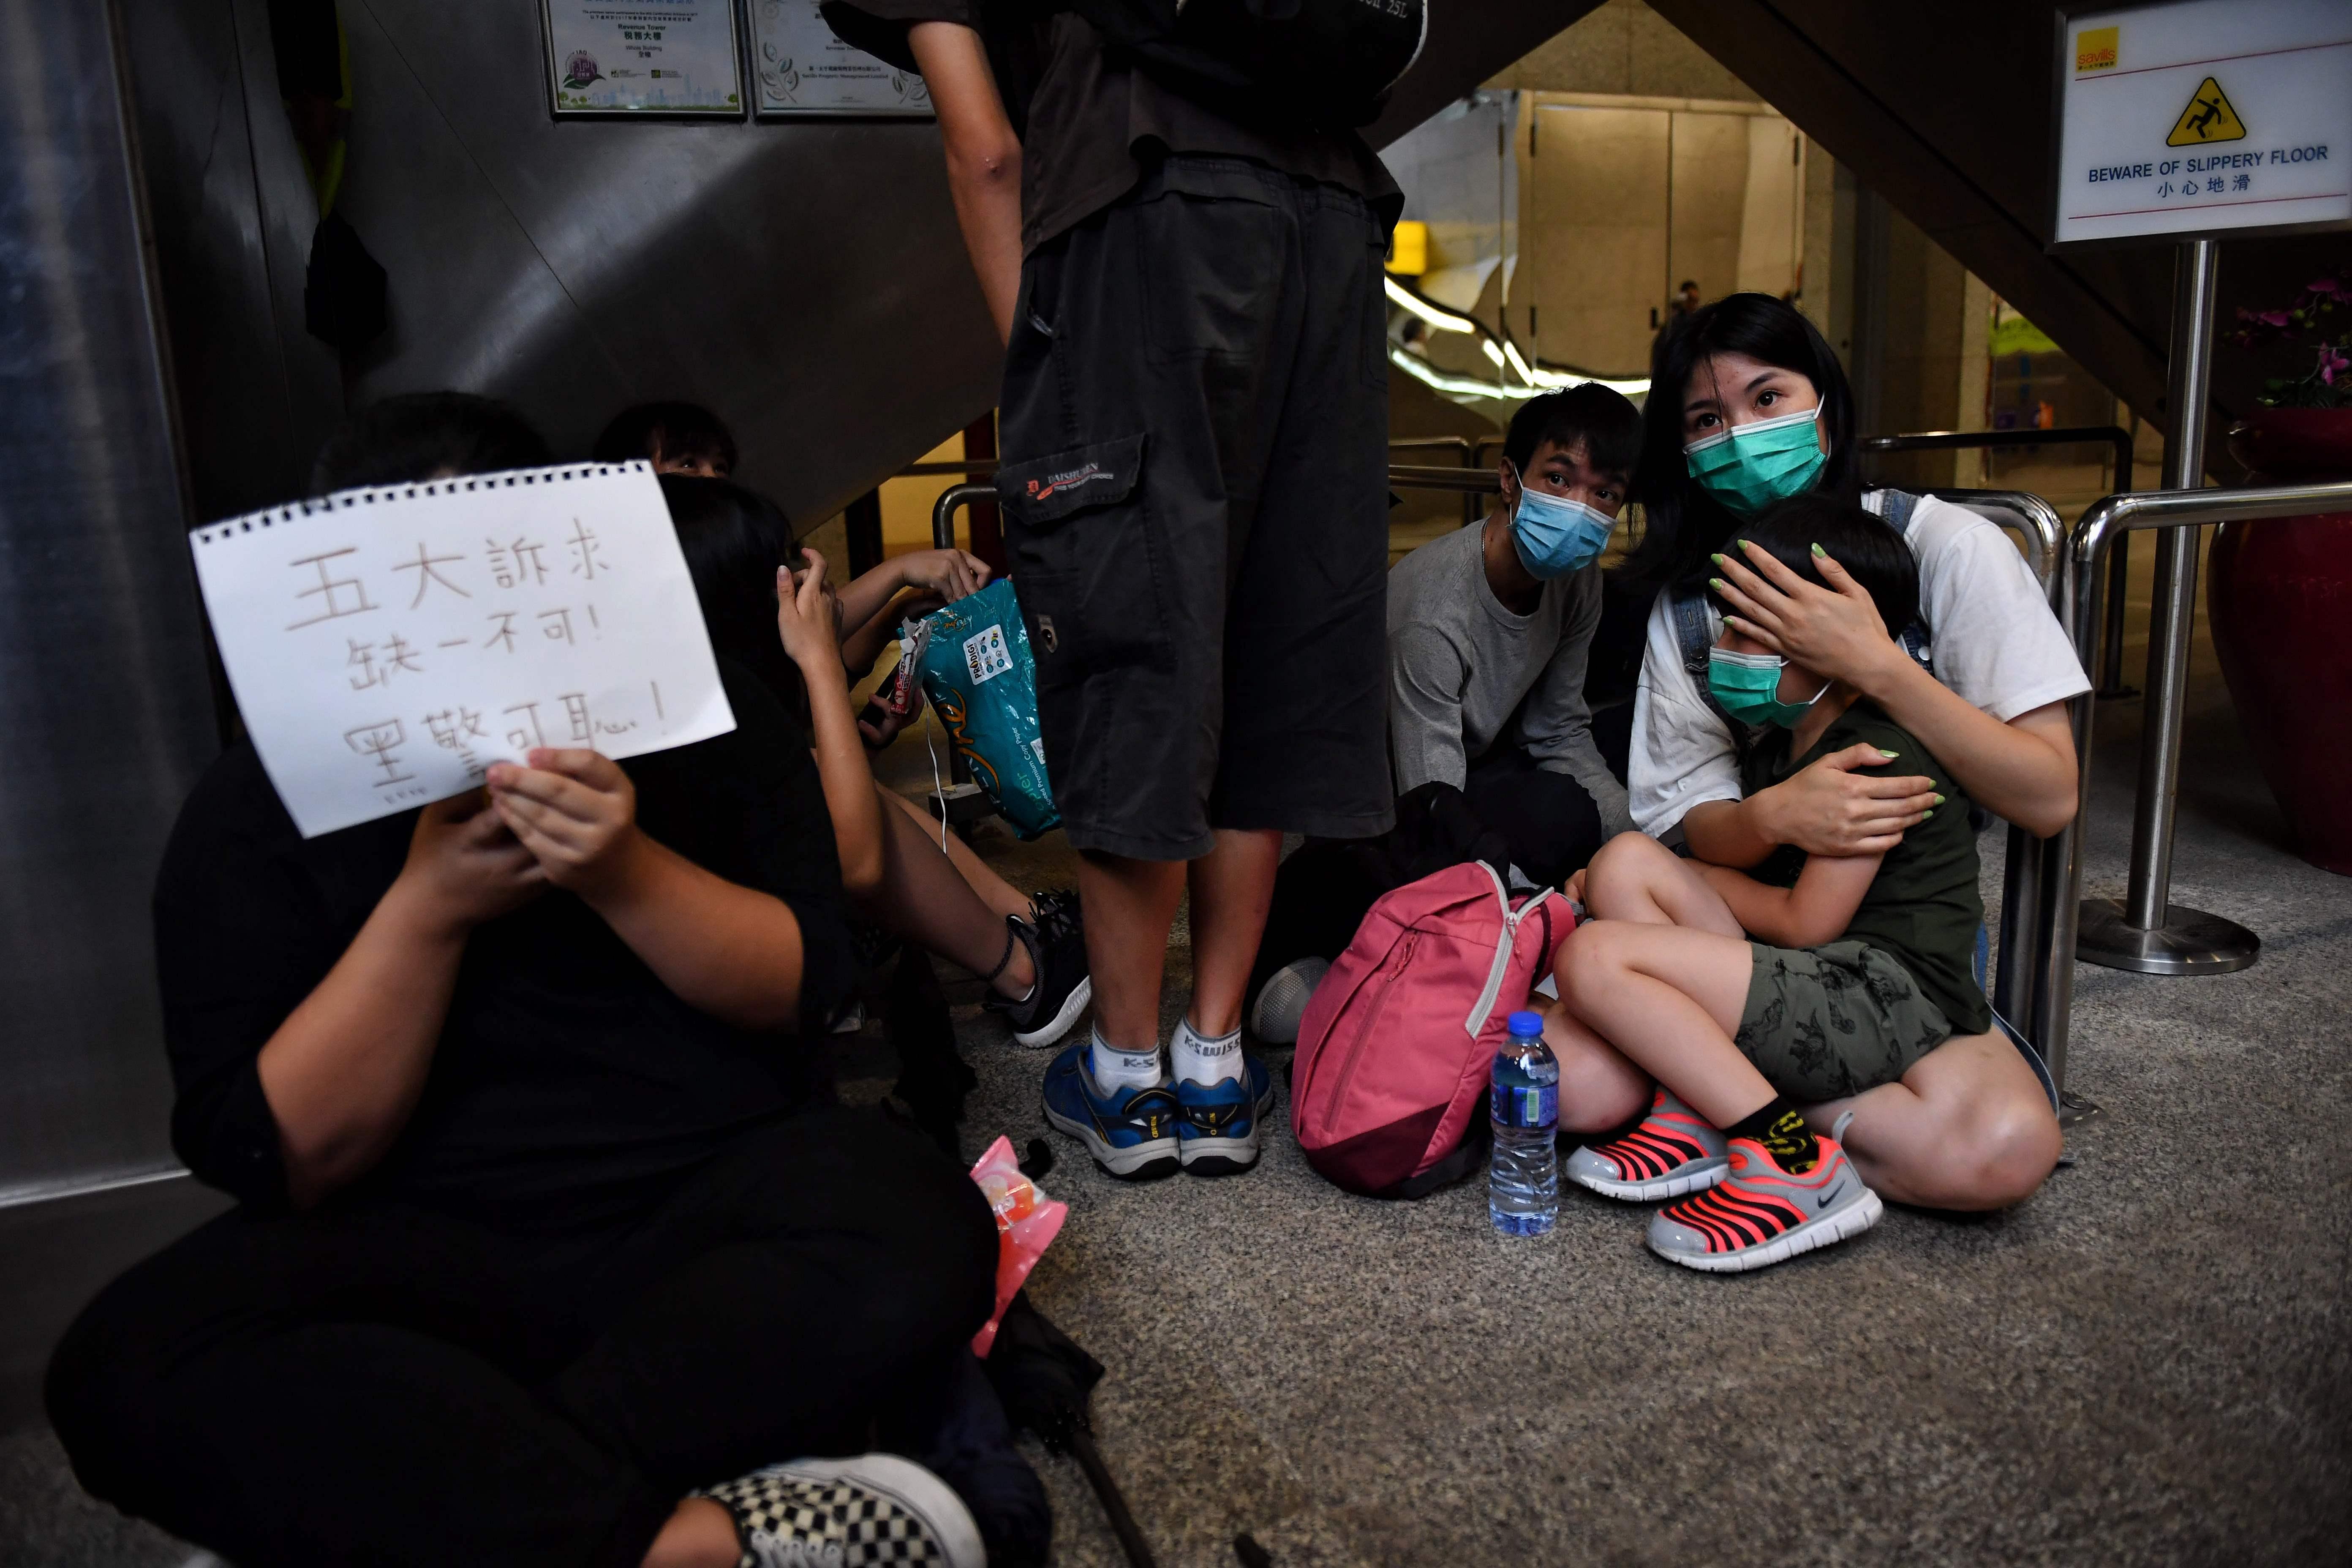 香港網民26日自發到稅務局內靜坐抗議,高舉「五大訴求,缺一不可」標語,促請港府回應。(Getty Images)